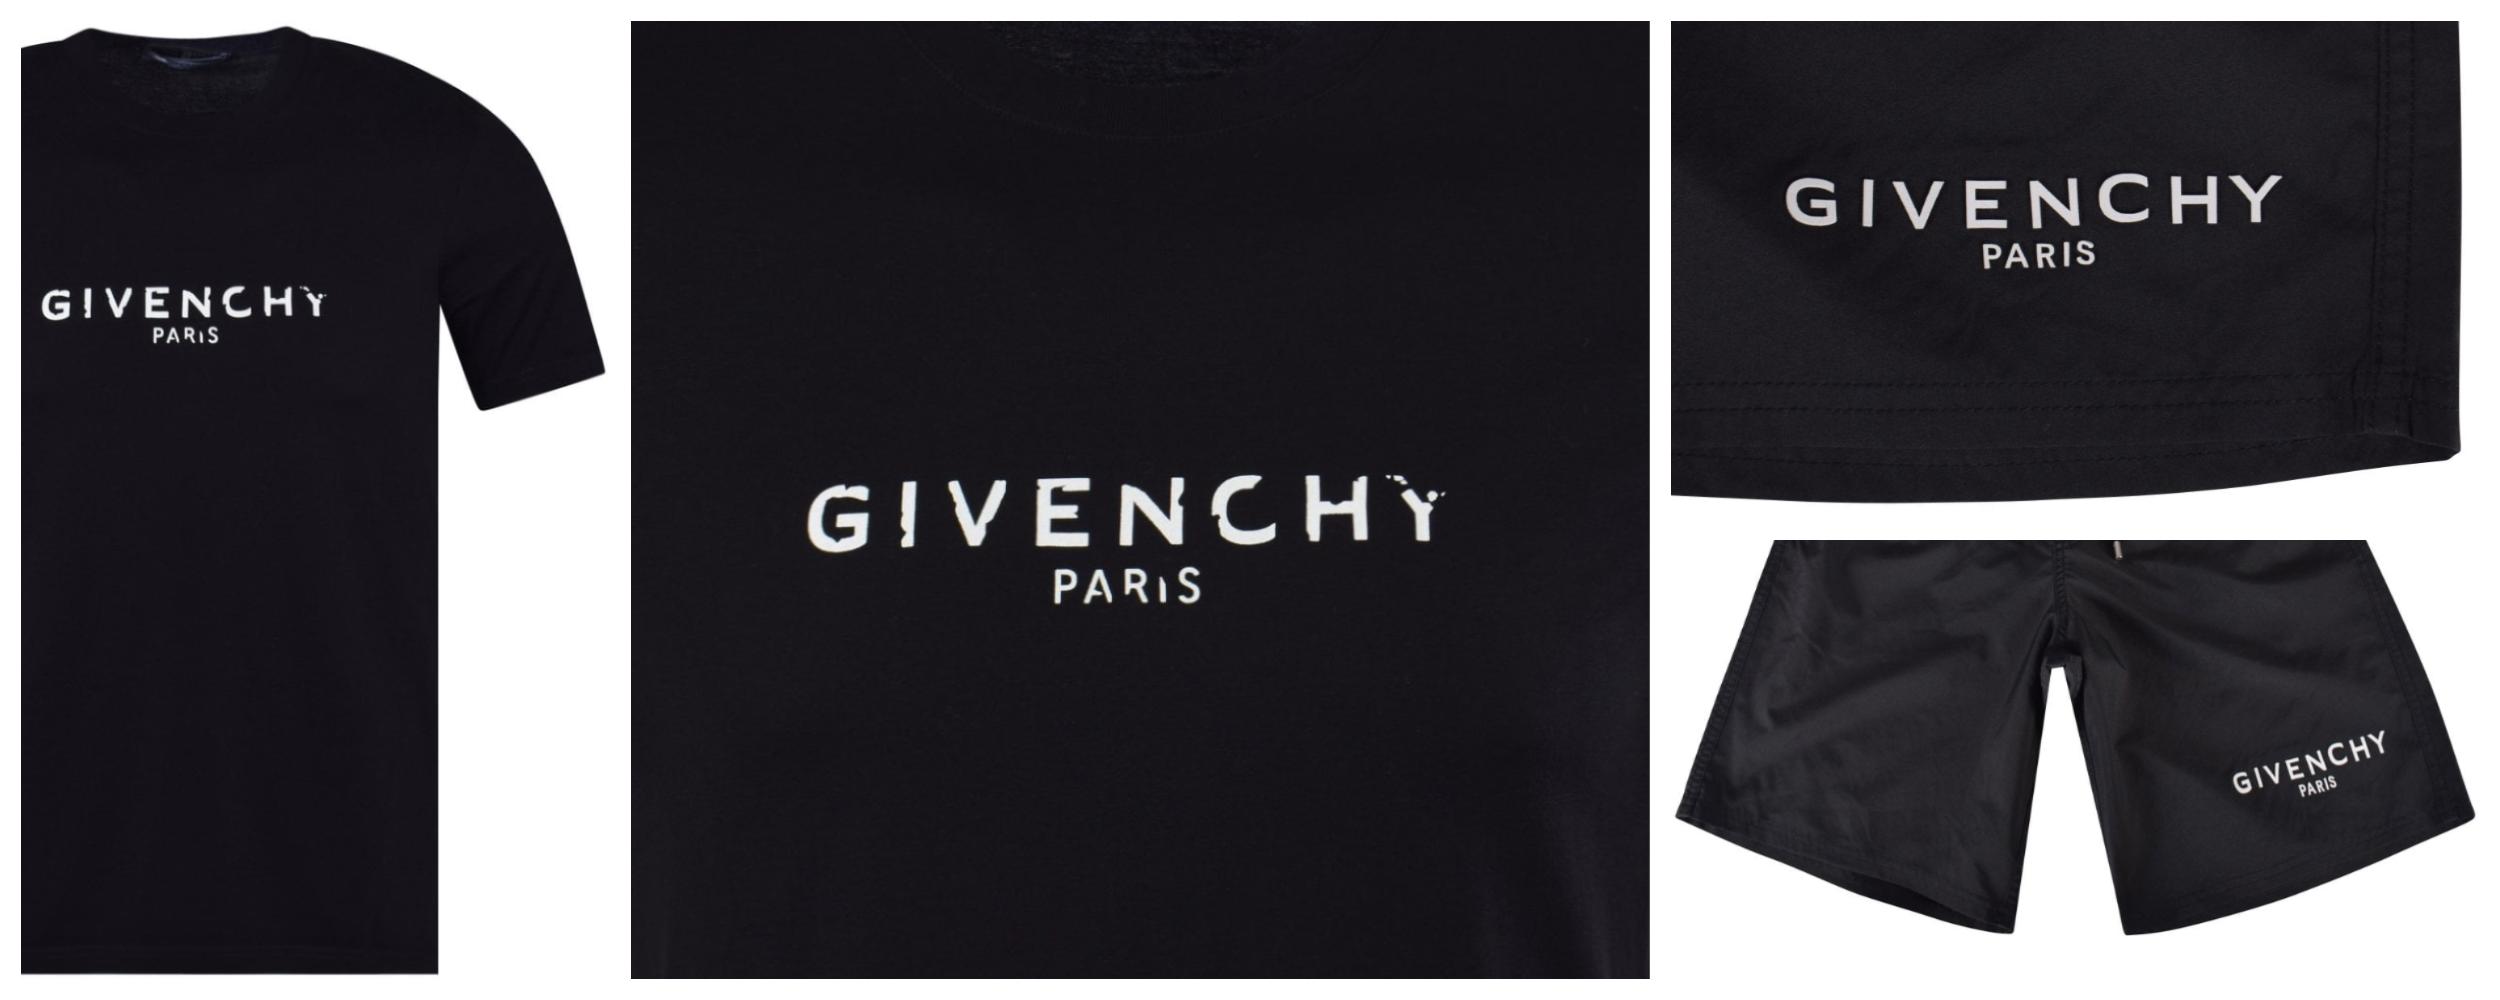 Givenchy Shorts and T-Shirt